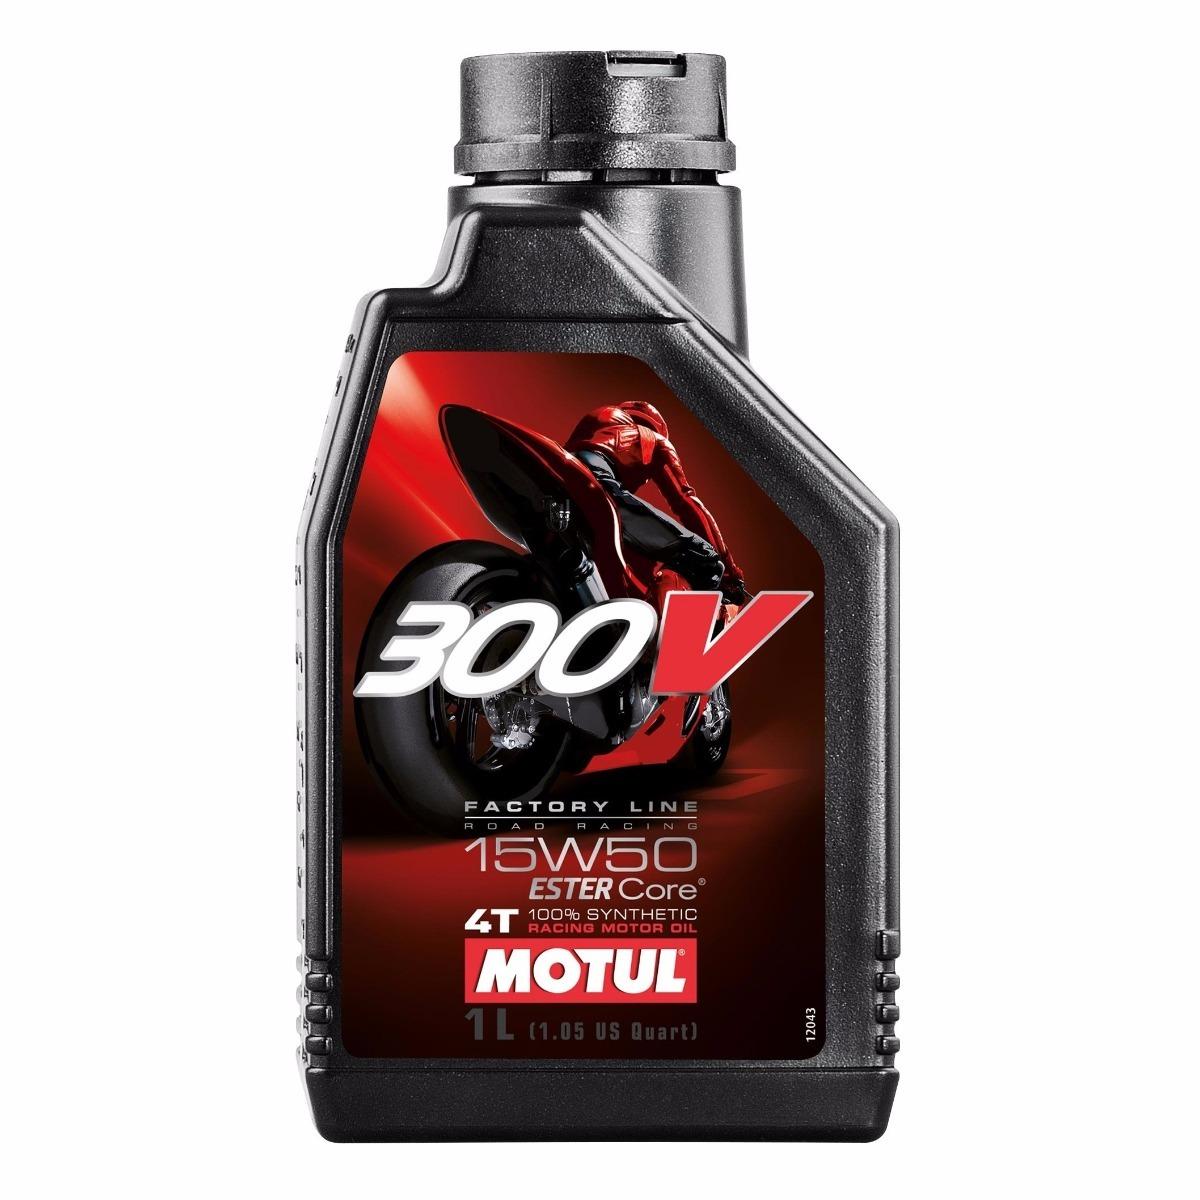 aceite motul 300v 15w50 1L